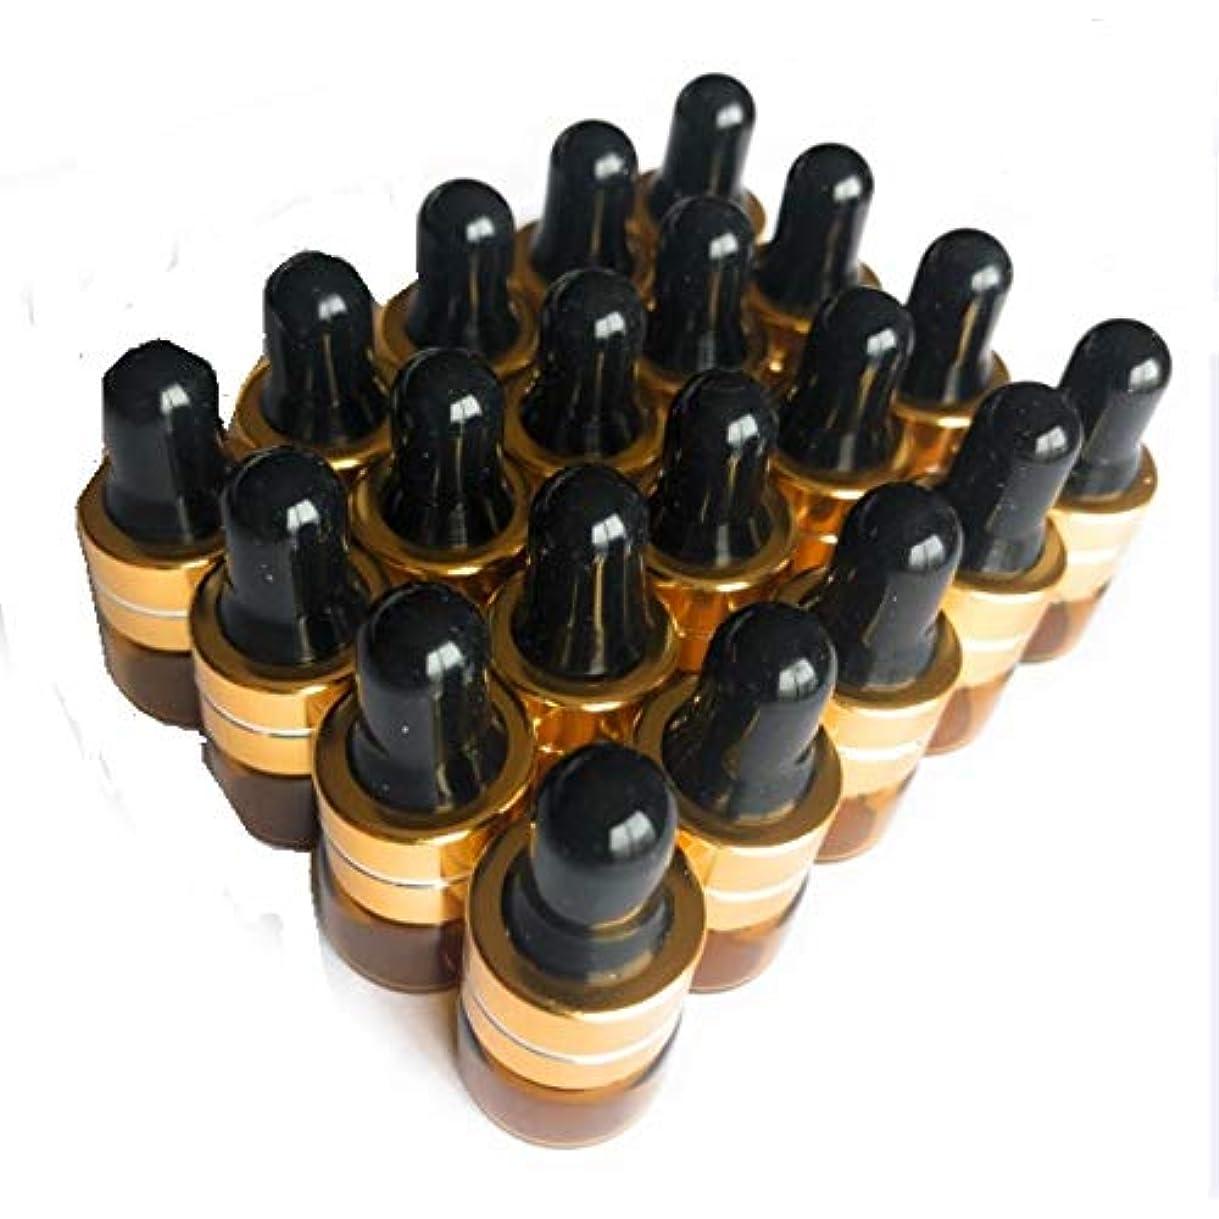 スローガン異常ボスits 遮光瓶 アロマオイル 精油 小分け用 ガラス製 保存容器 茶色 (20本 セット 1ml)